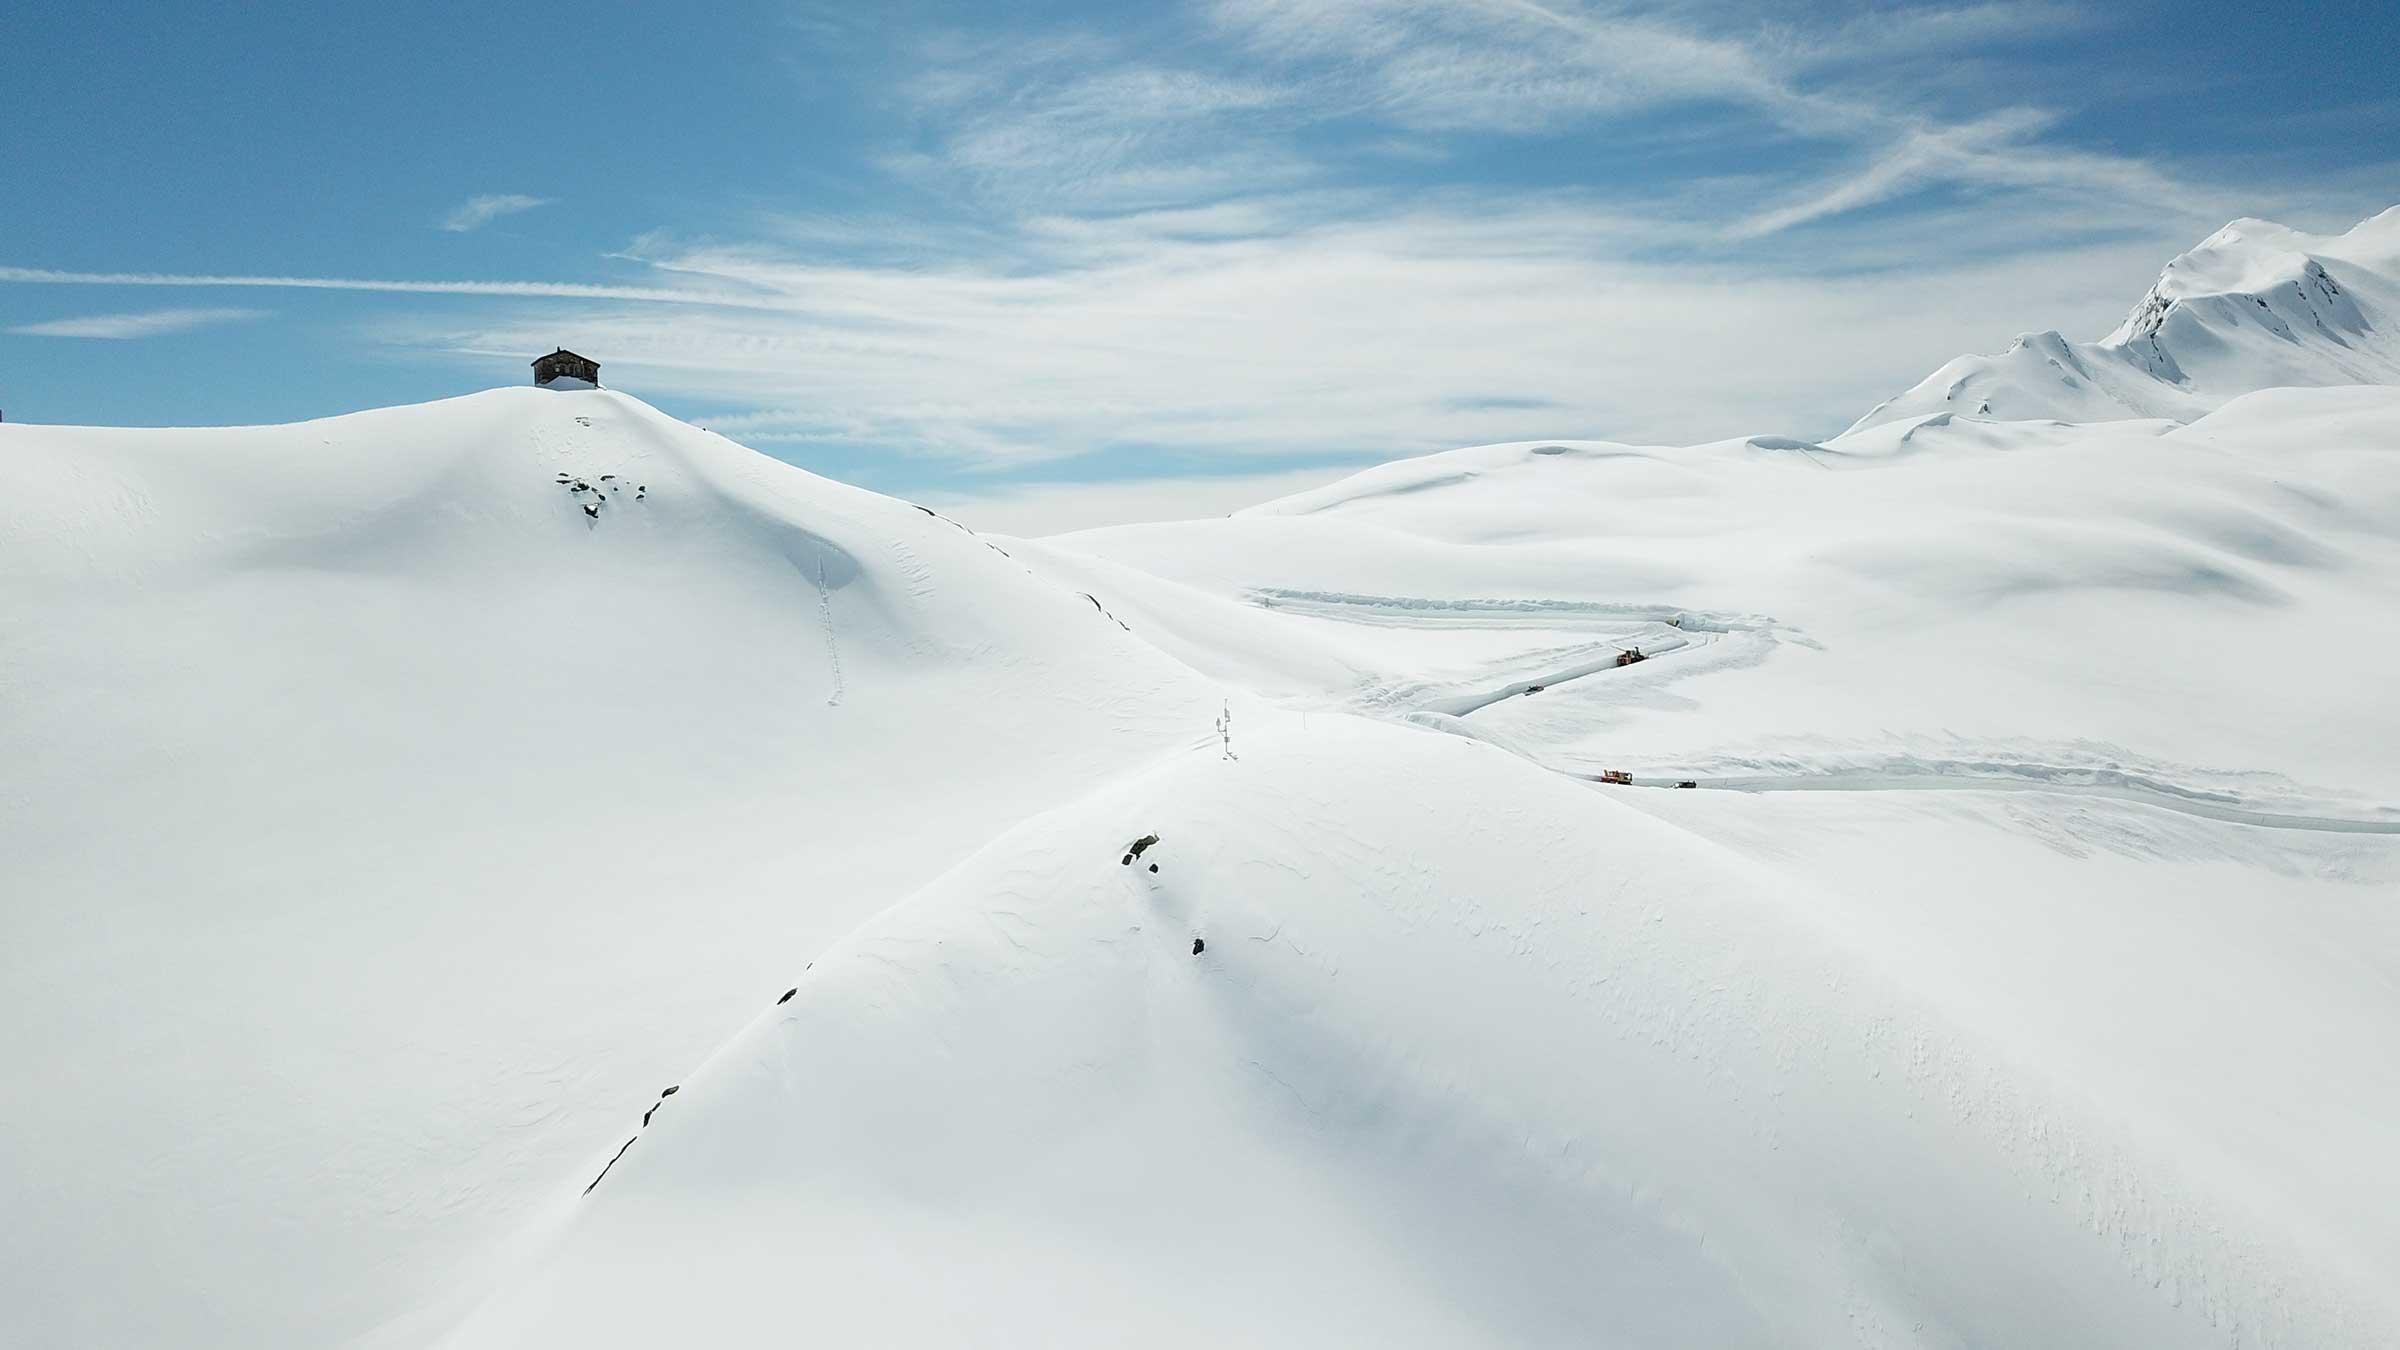 Wo ein Wille, da ein (schneefreier) Weg – Schneeräumung am Timmelsjoch